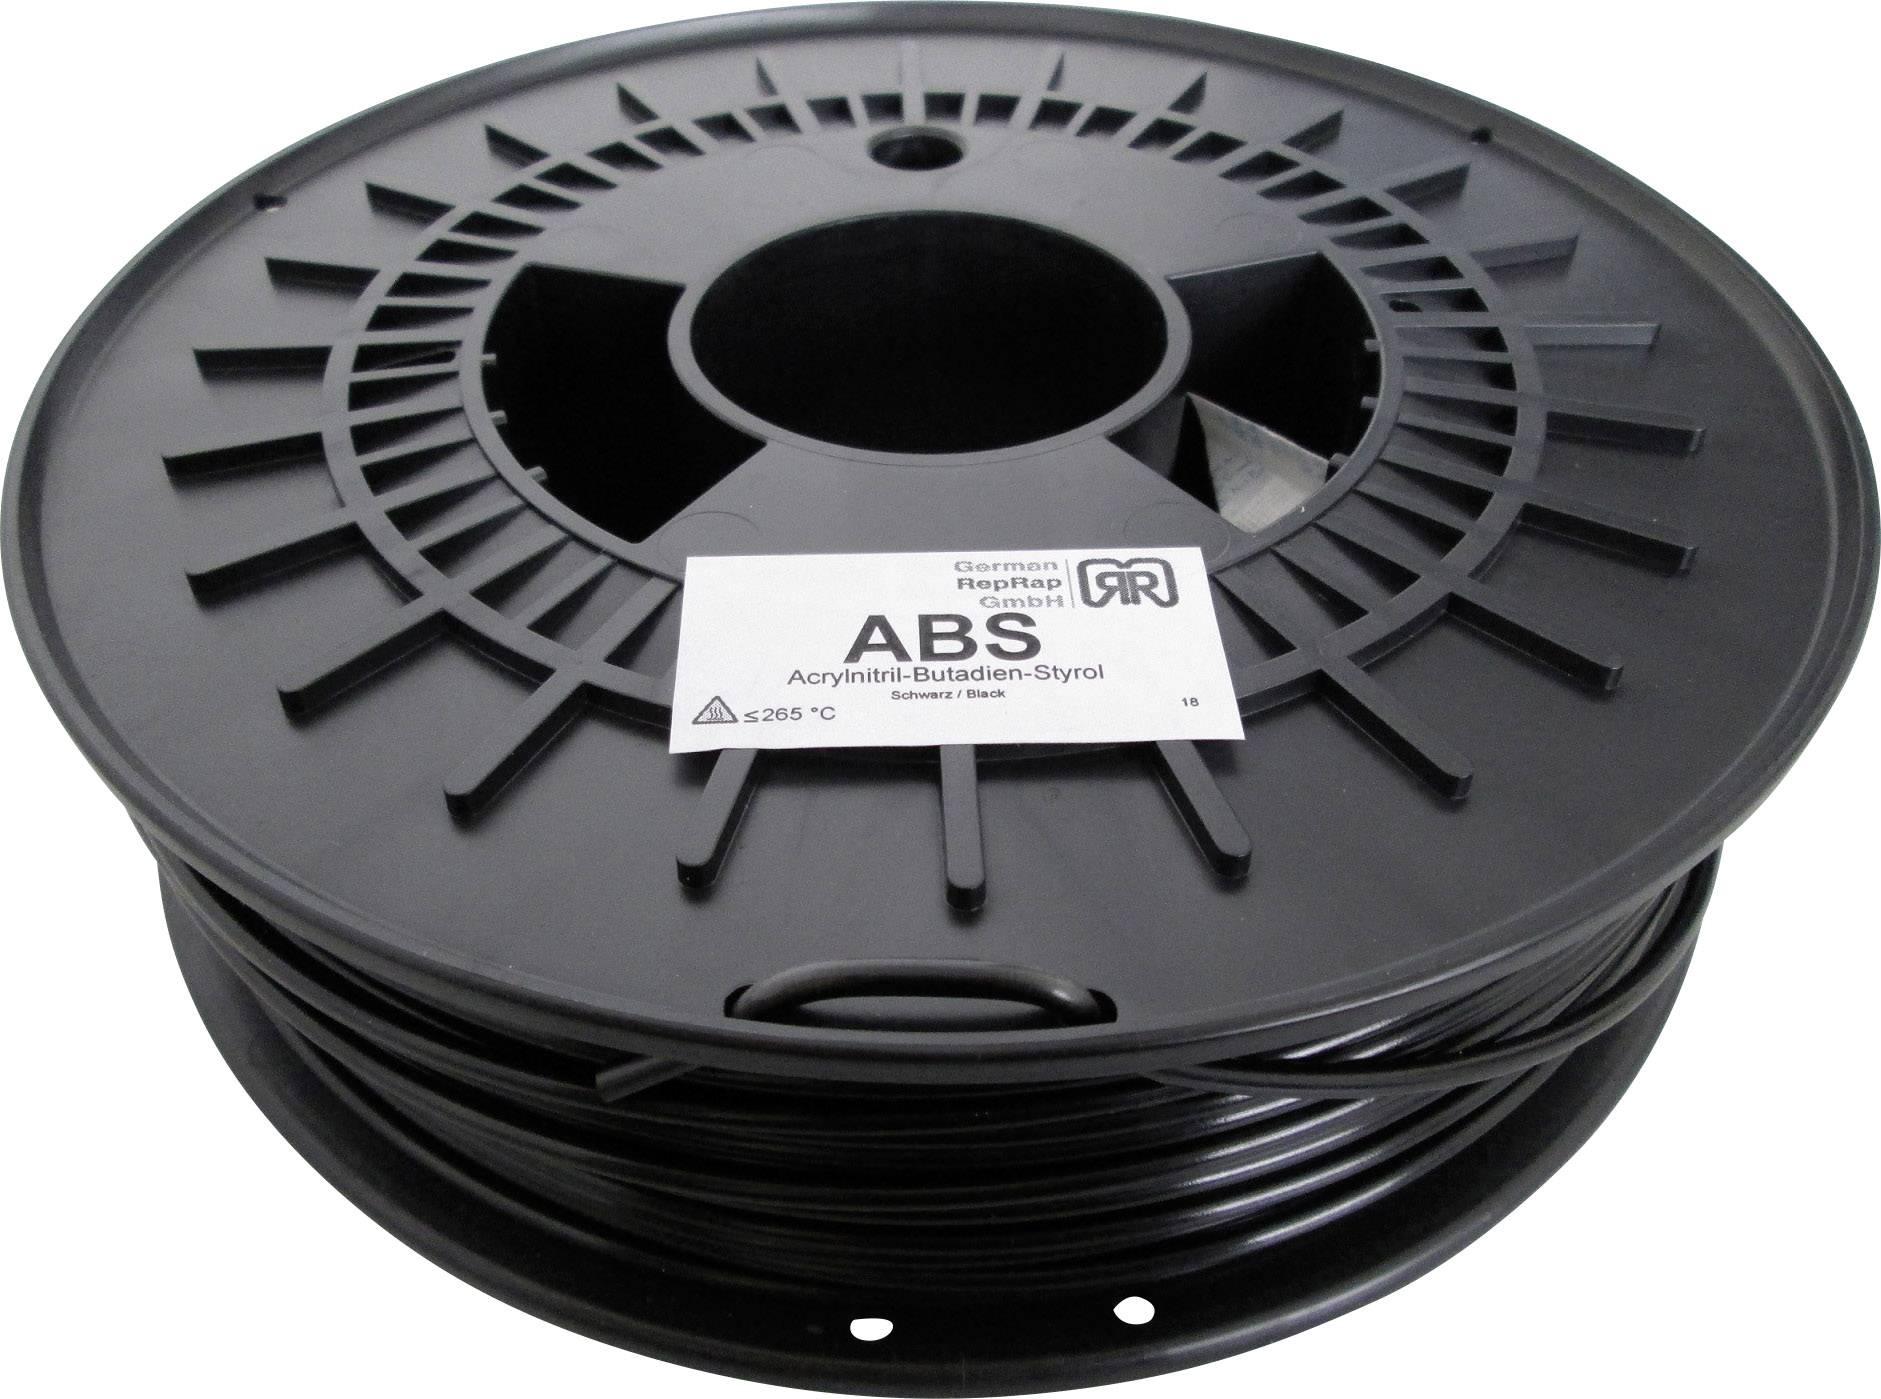 Vlákno pre 3Dtlačiarne, German RepRap 100374, ABS plast , 3 mm, 750 g, čierna